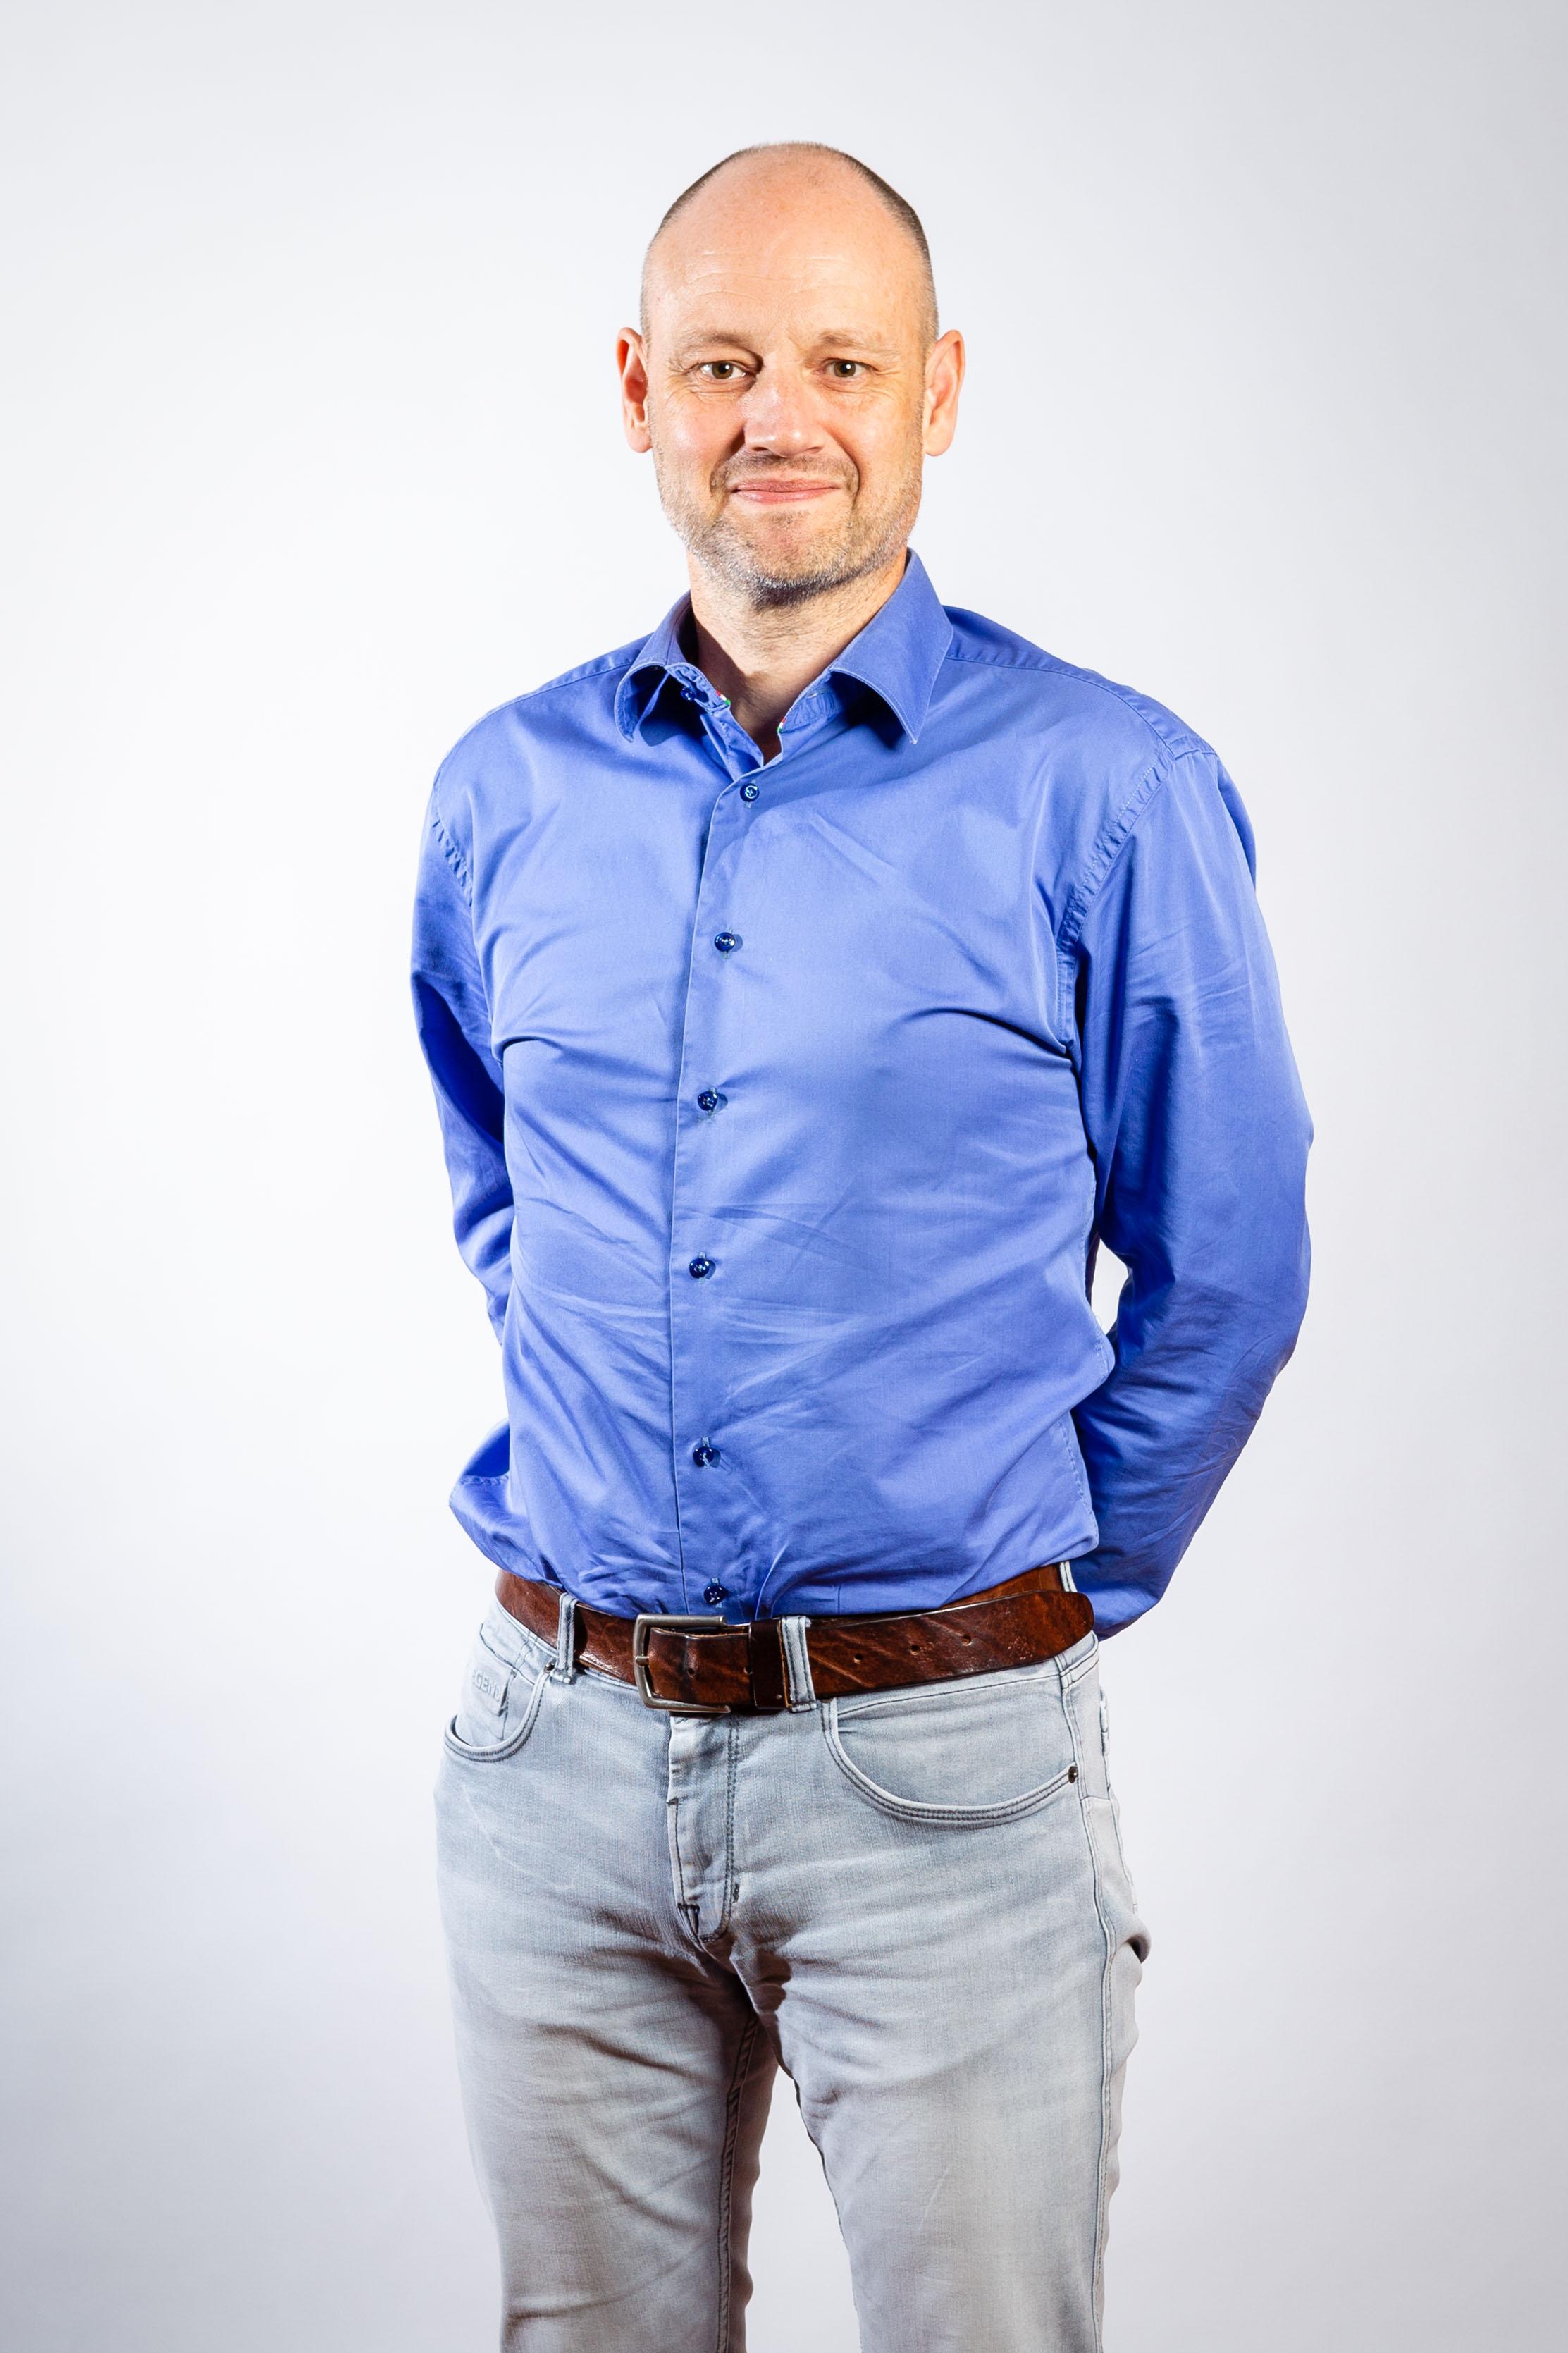 Johan Selders